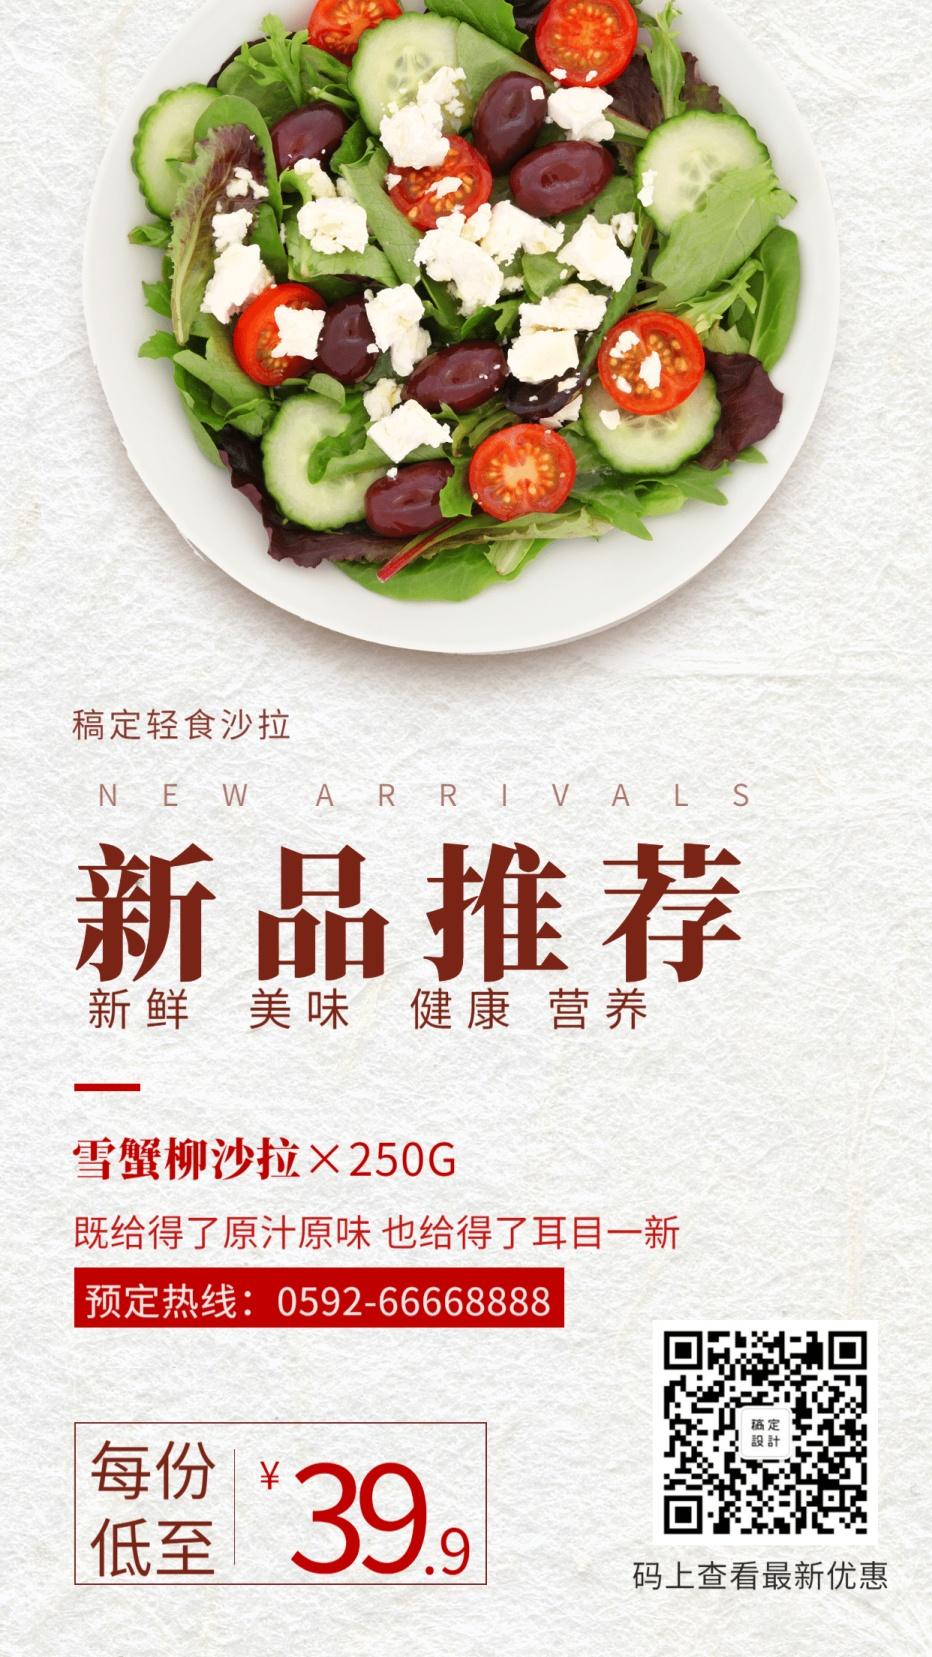 沙拉轻食/新品上市/手机海报